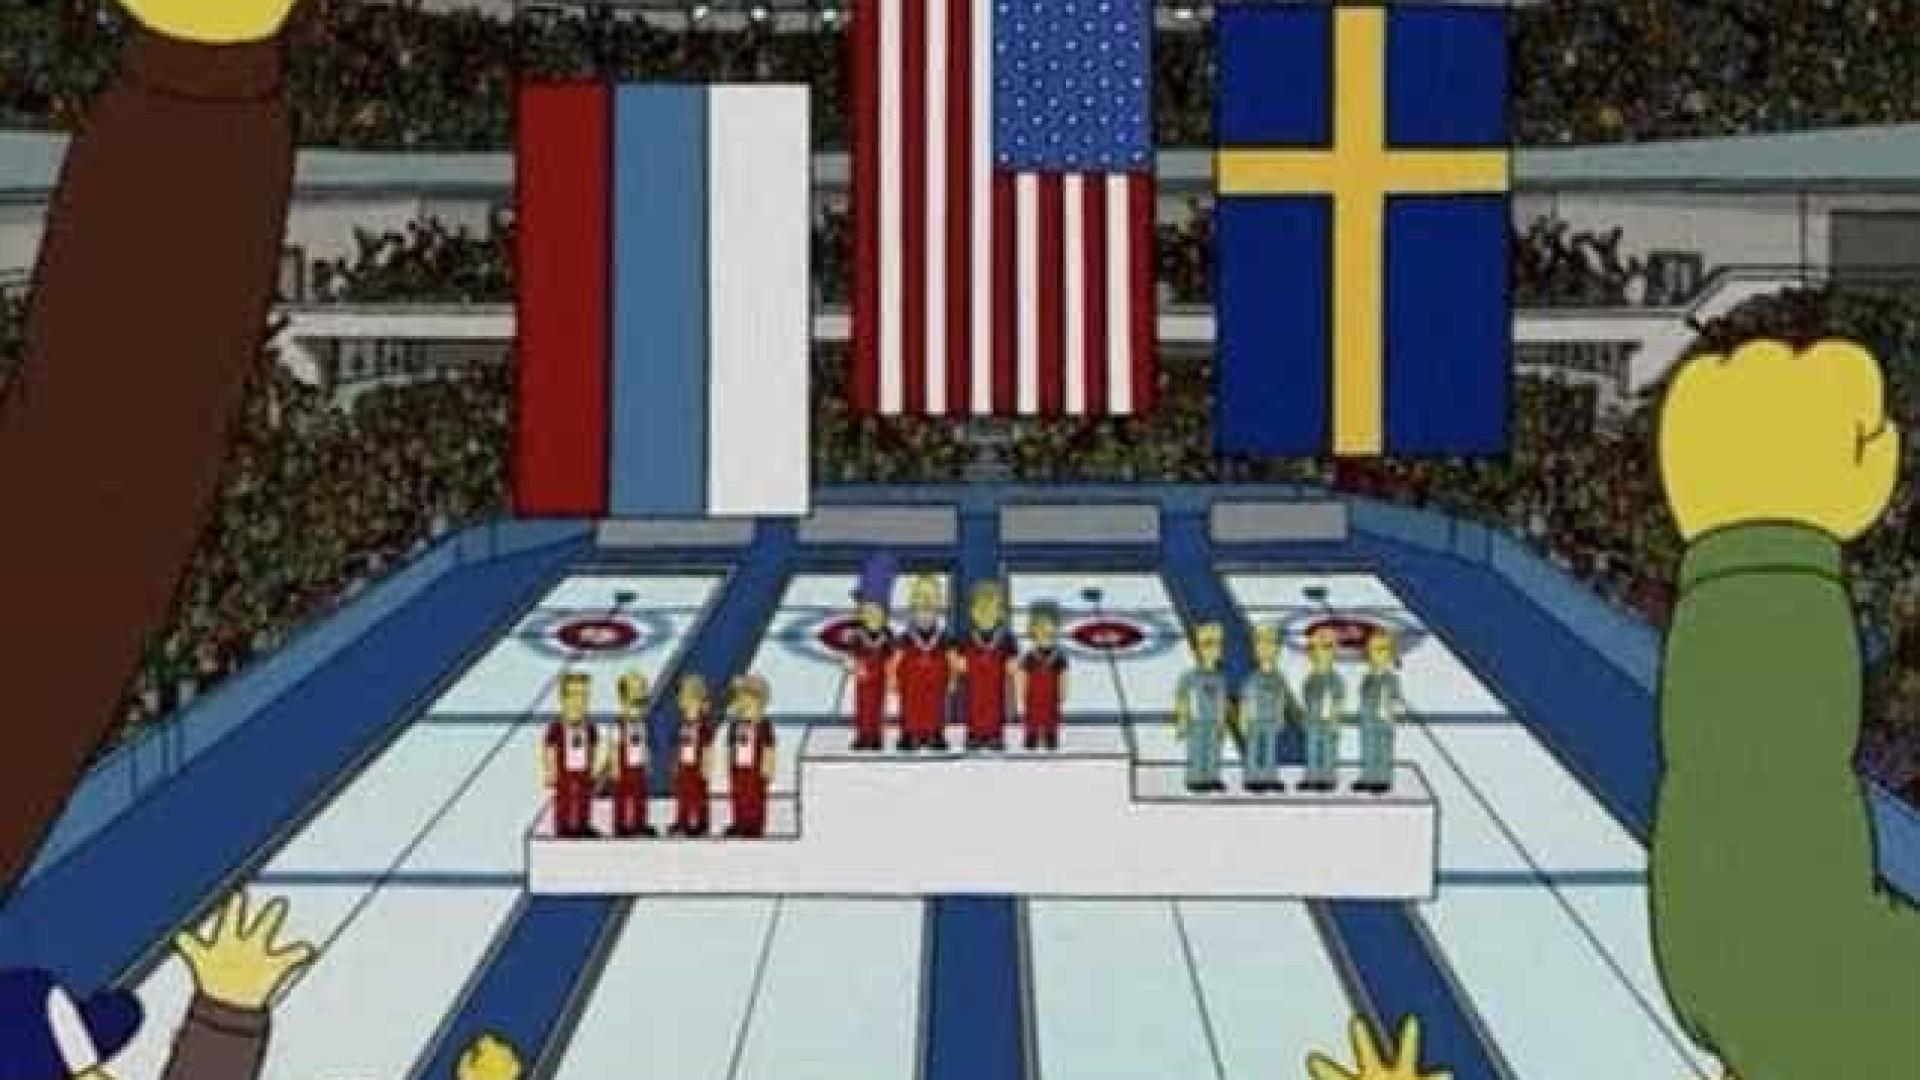 Há oito anos 'Os Simpsons' previram algo que aconteceu ontem